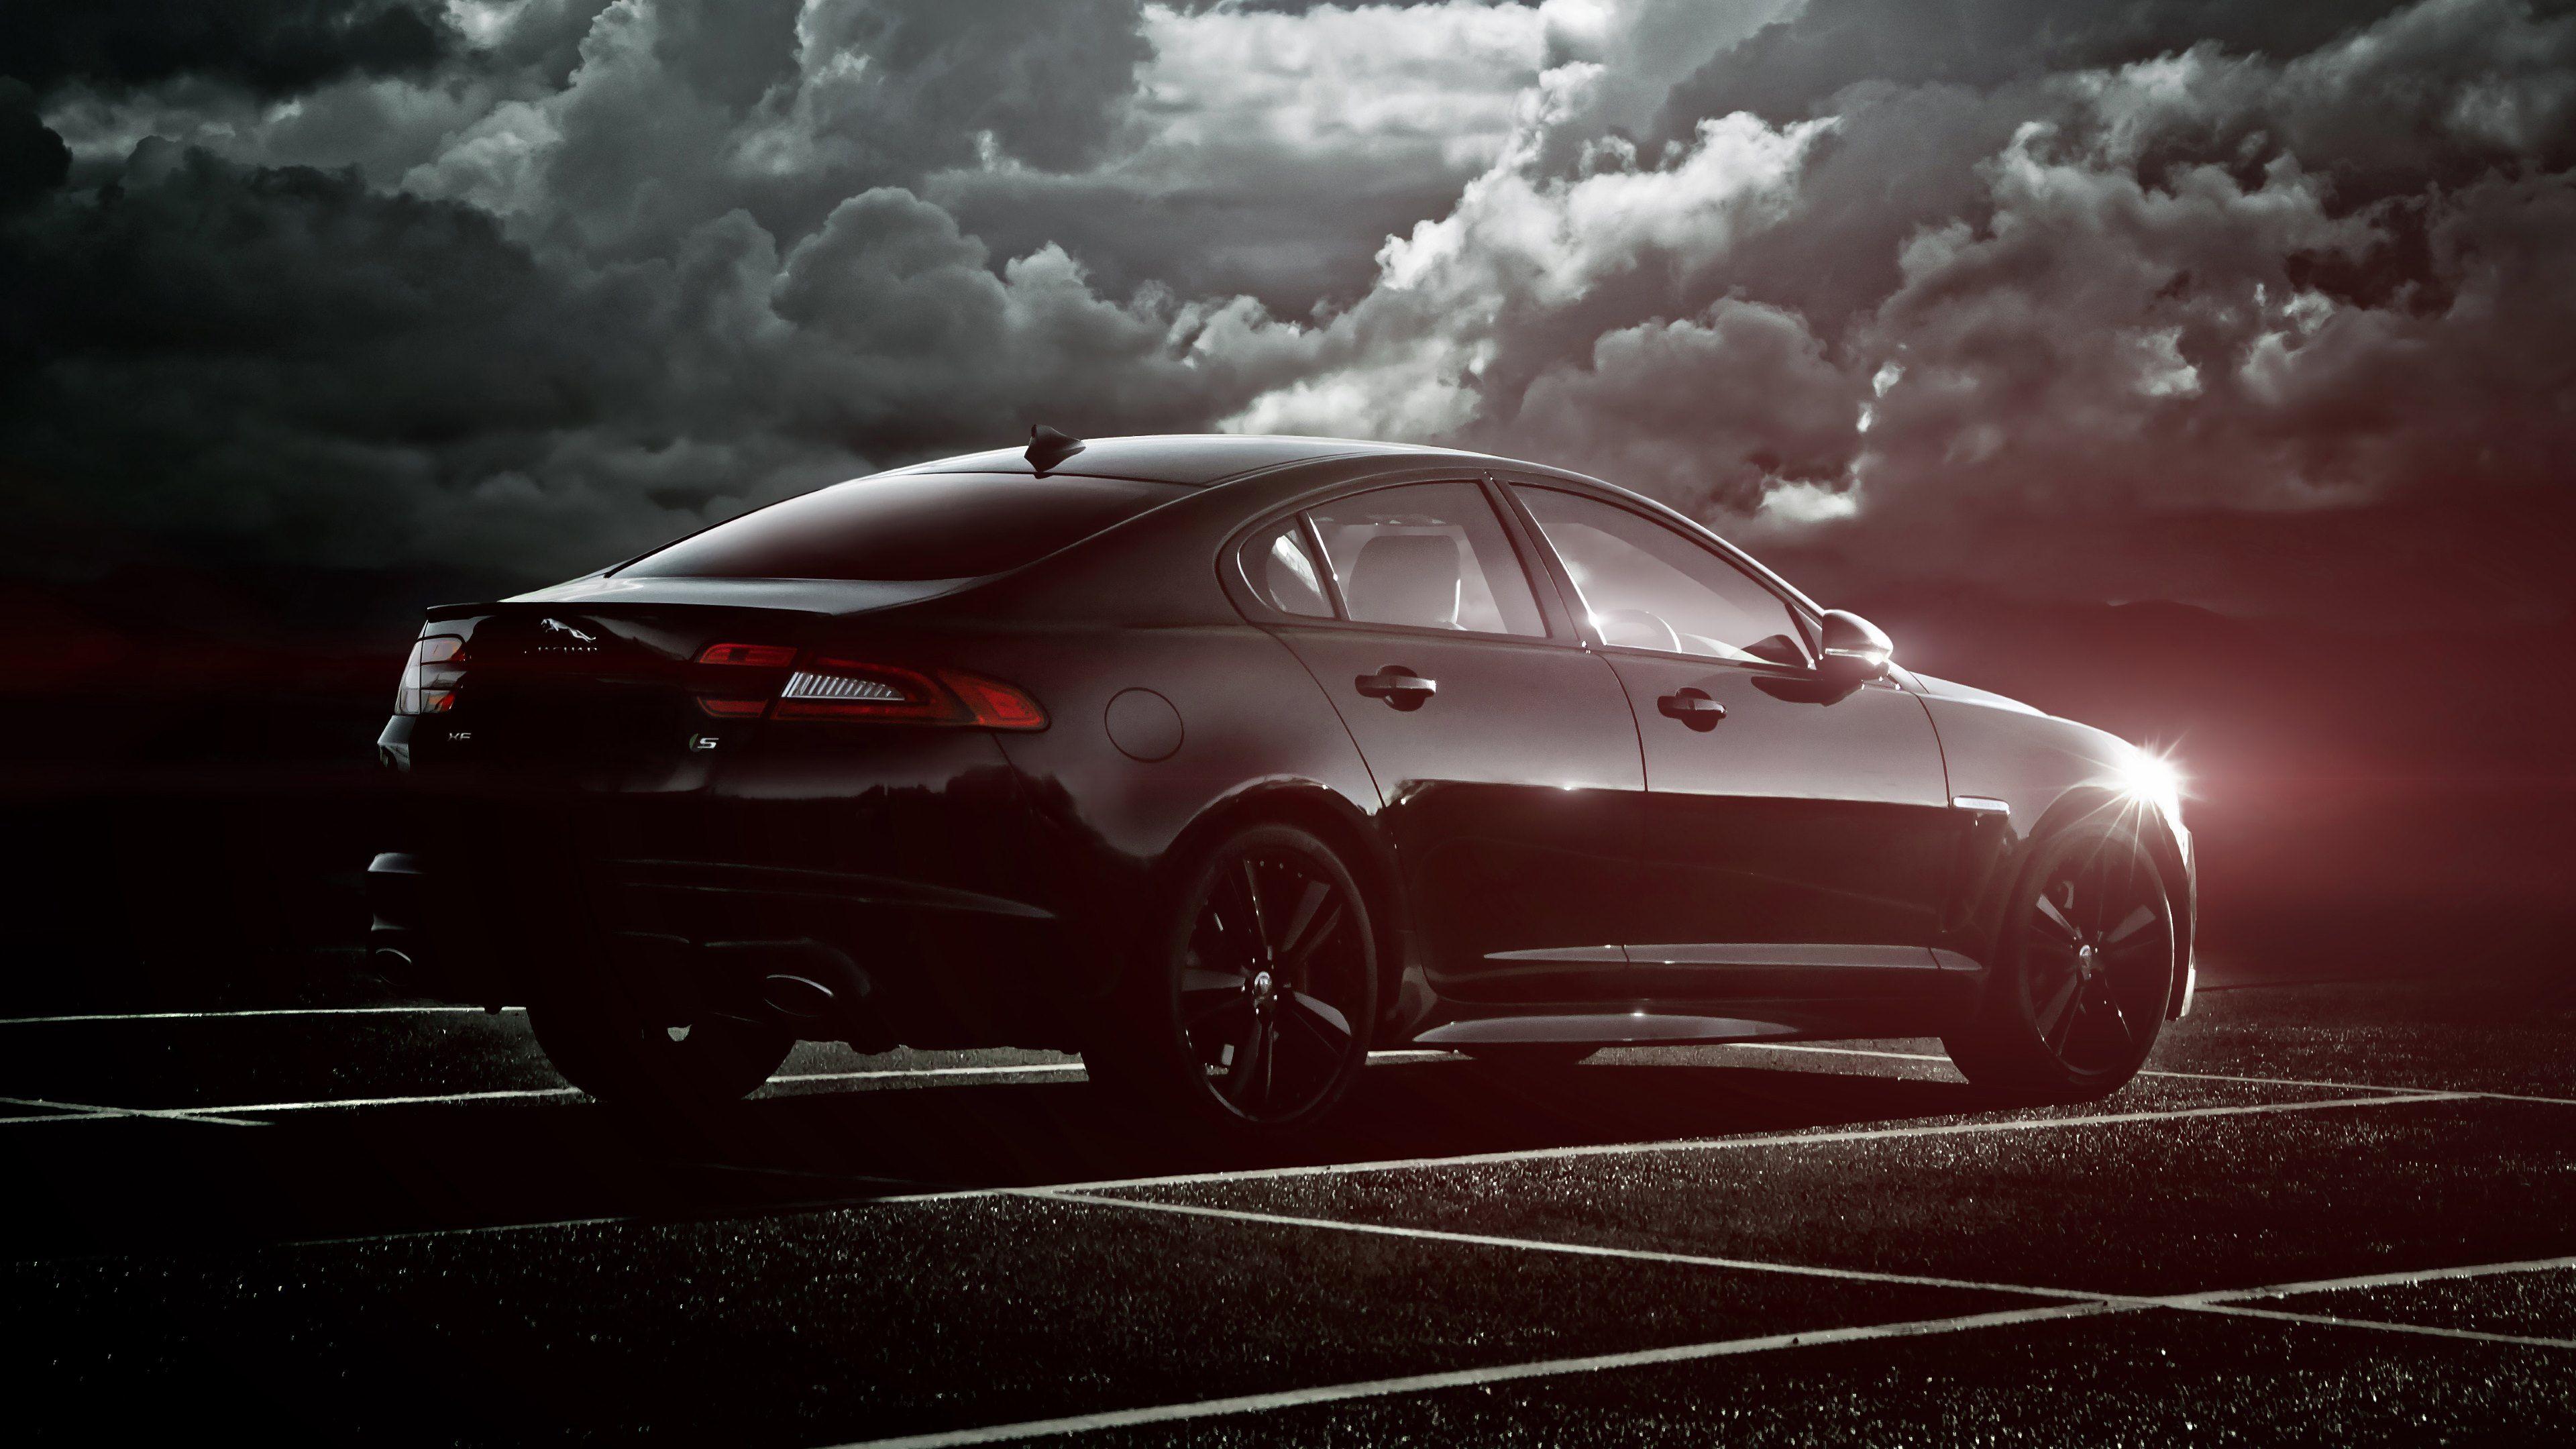 Hd wallpaper jaguar - Jaguar Xf Hd Wallpapers Free Download